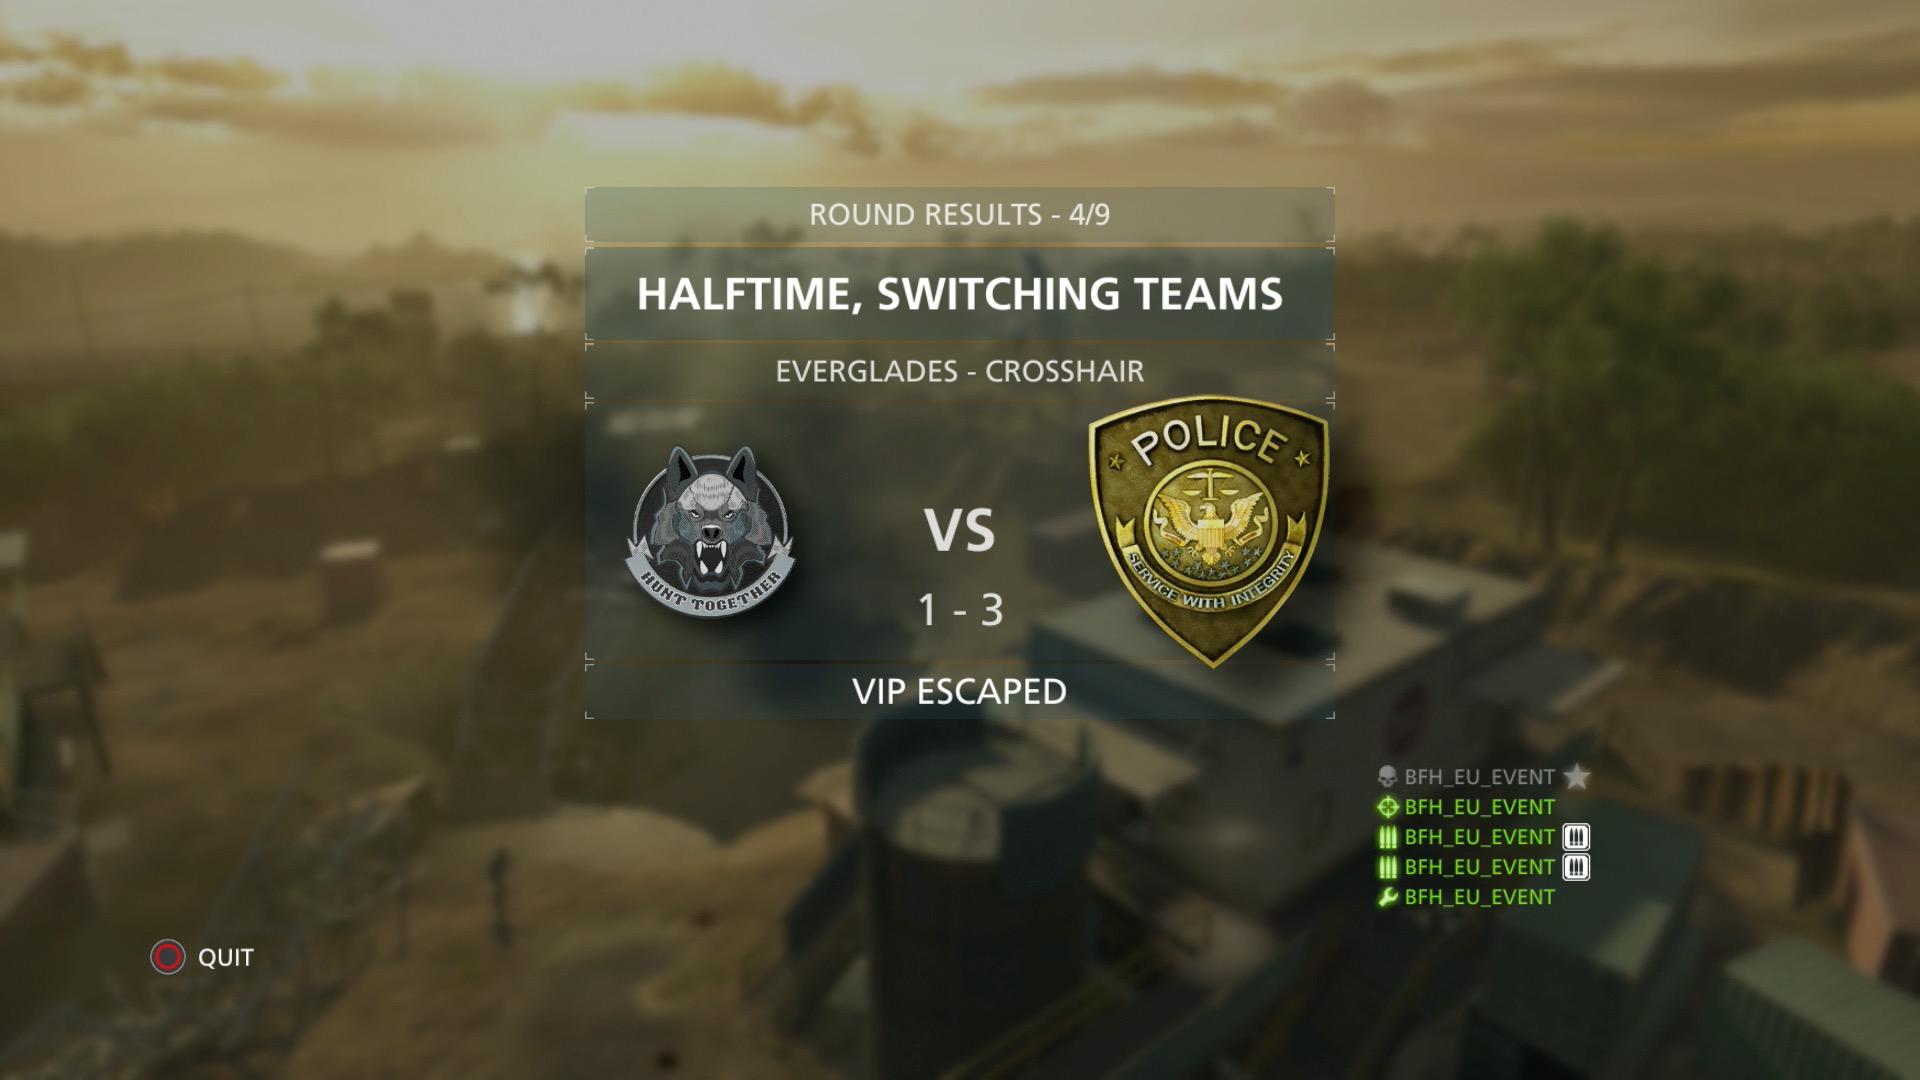 Battlefield Hardline im Test: Guter Shooter mit Charakterschwäche - Bei den Modi Crosshair und VIP gibt es einen Seitenwechsel.